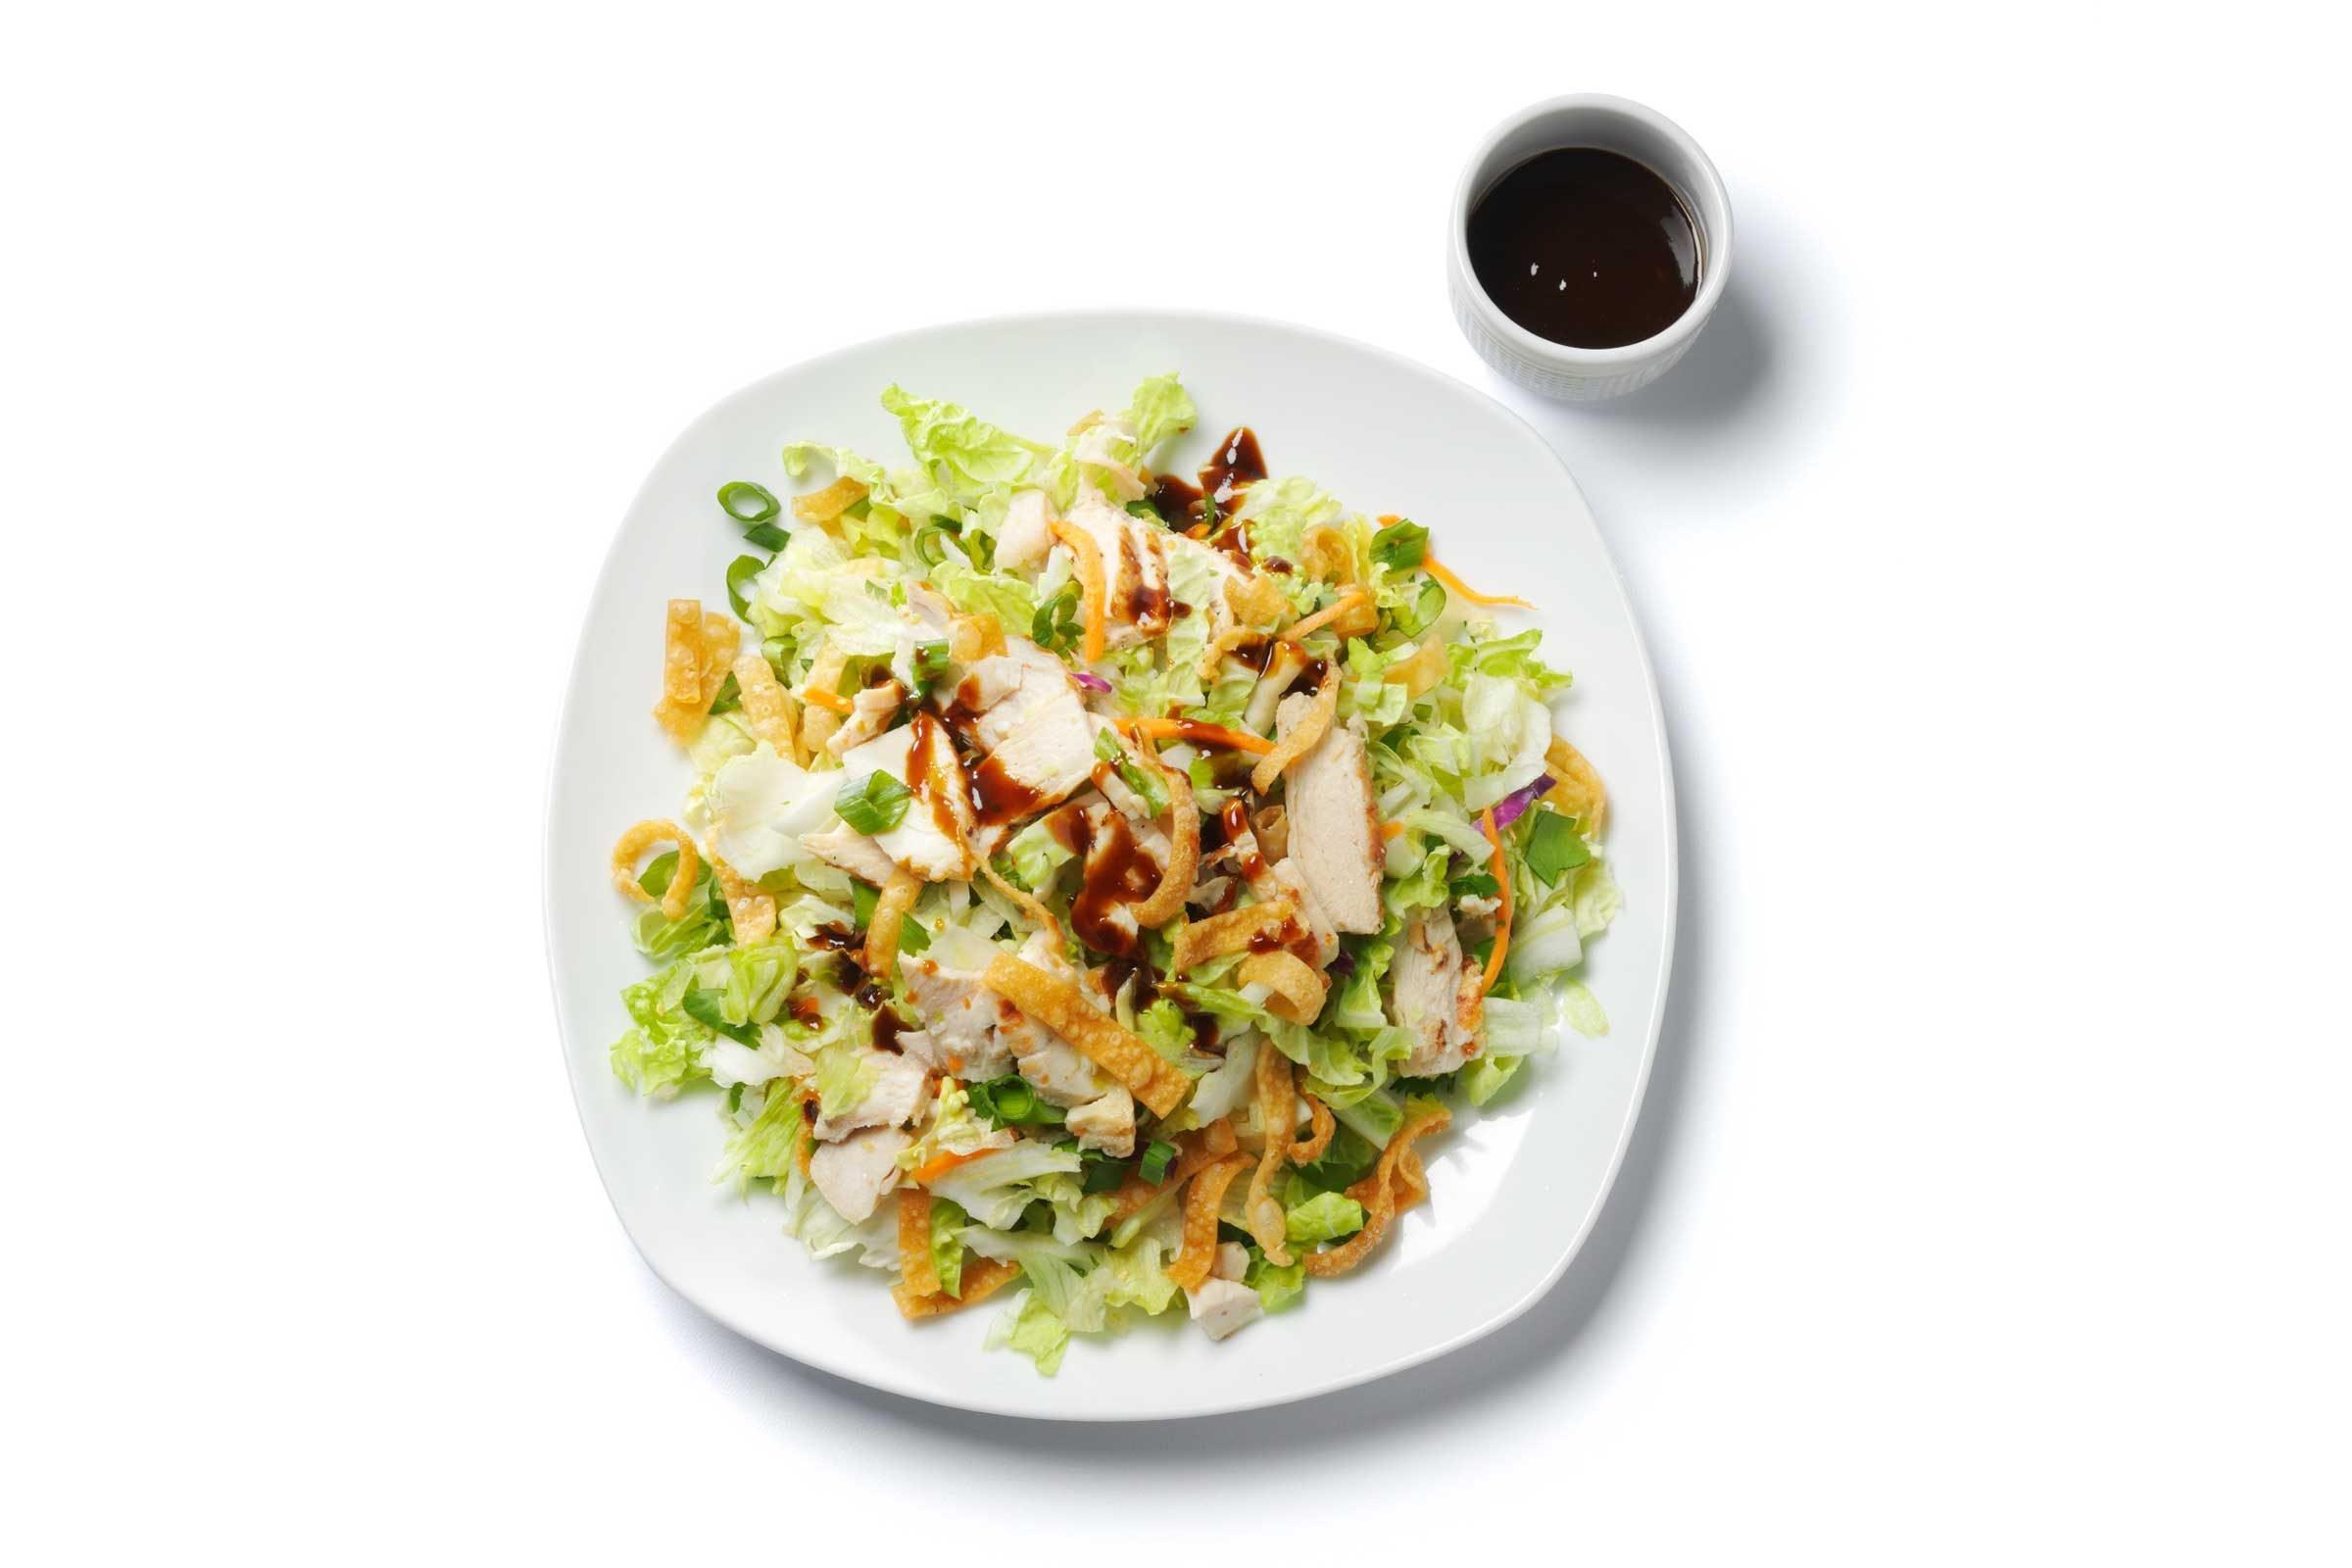 Healthy Restaurant Foods: Low-Calorie Restaurant Meals ...